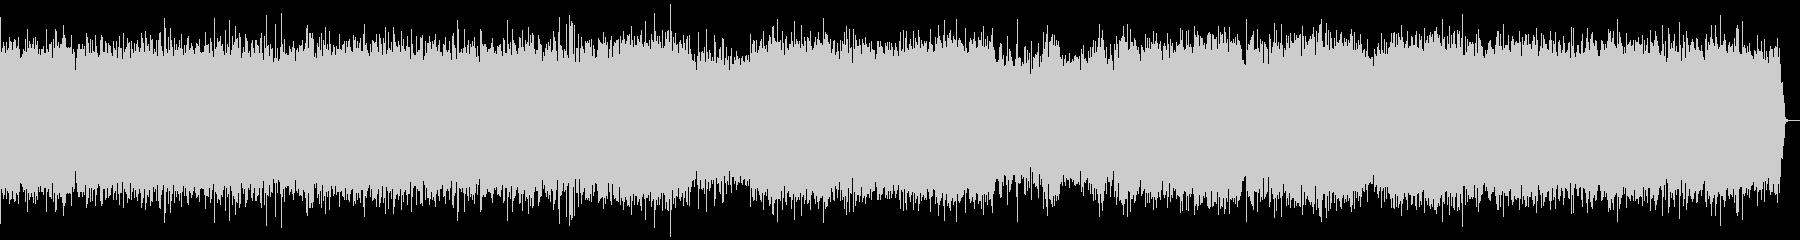 管弦楽組曲第一番 序曲の未再生の波形